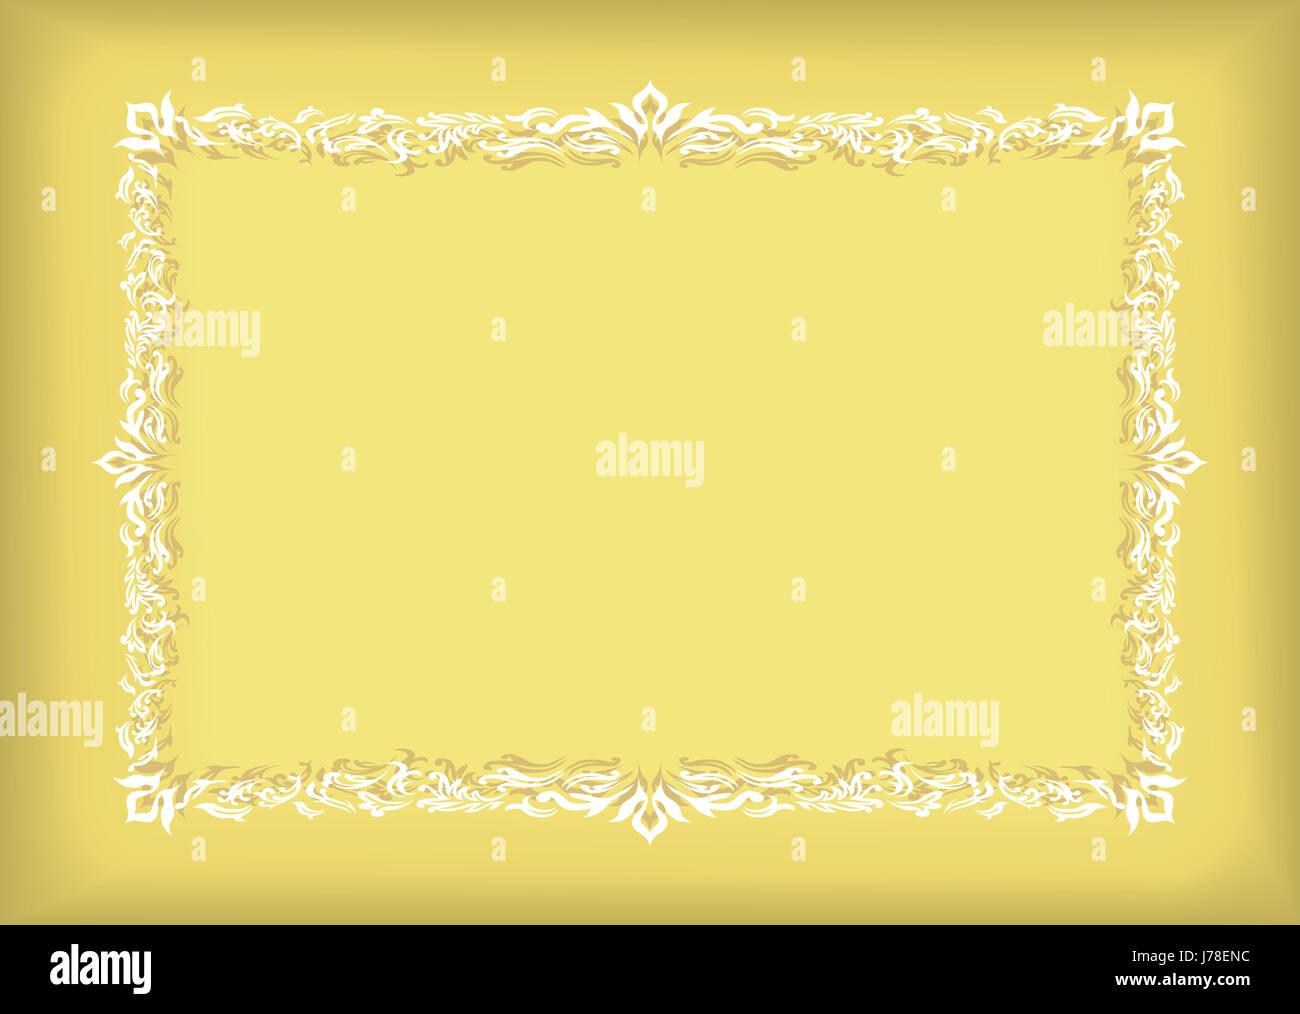 klassische abstrakte Dokument Zertifikat Frame Hintergrund ...